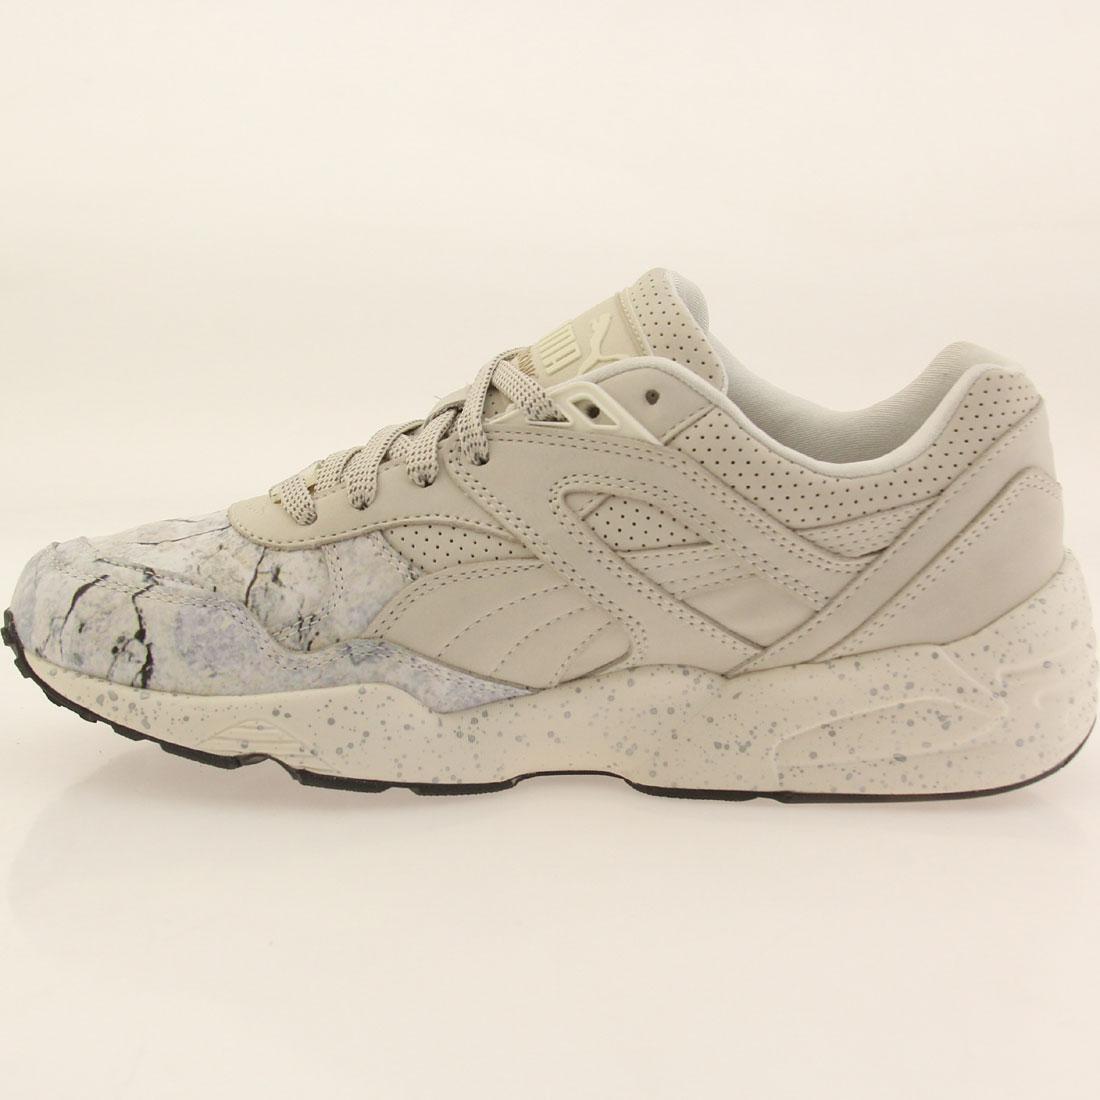 99.99 Puma Roxx Men R698 - Roxx Puma white whisper white 360857-03 3a14e1